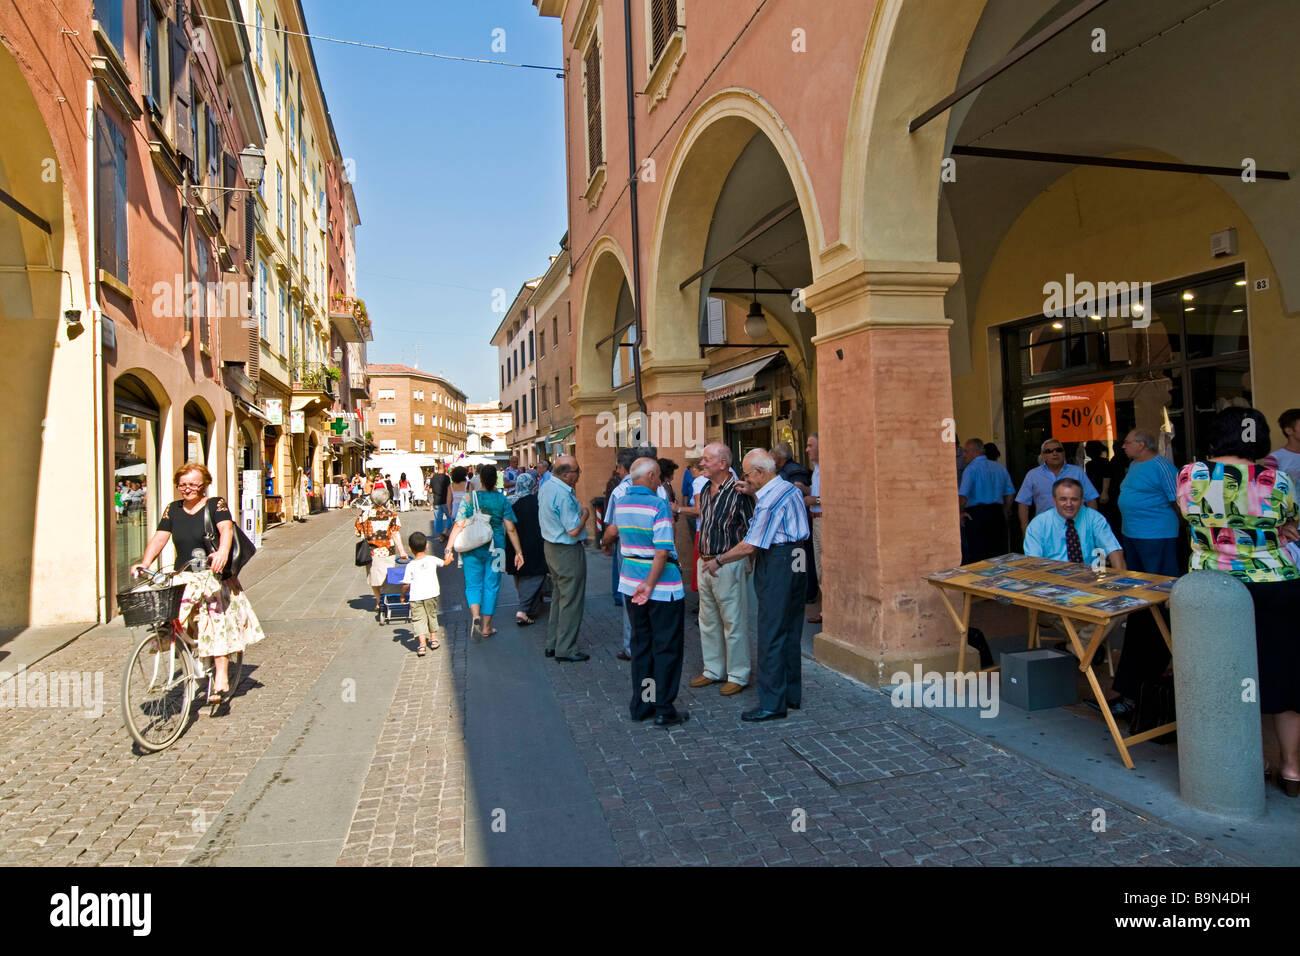 A view of the city sassuolo modena italy stock photo royalty free image 23206781 alamy - Sassuolo italia ...